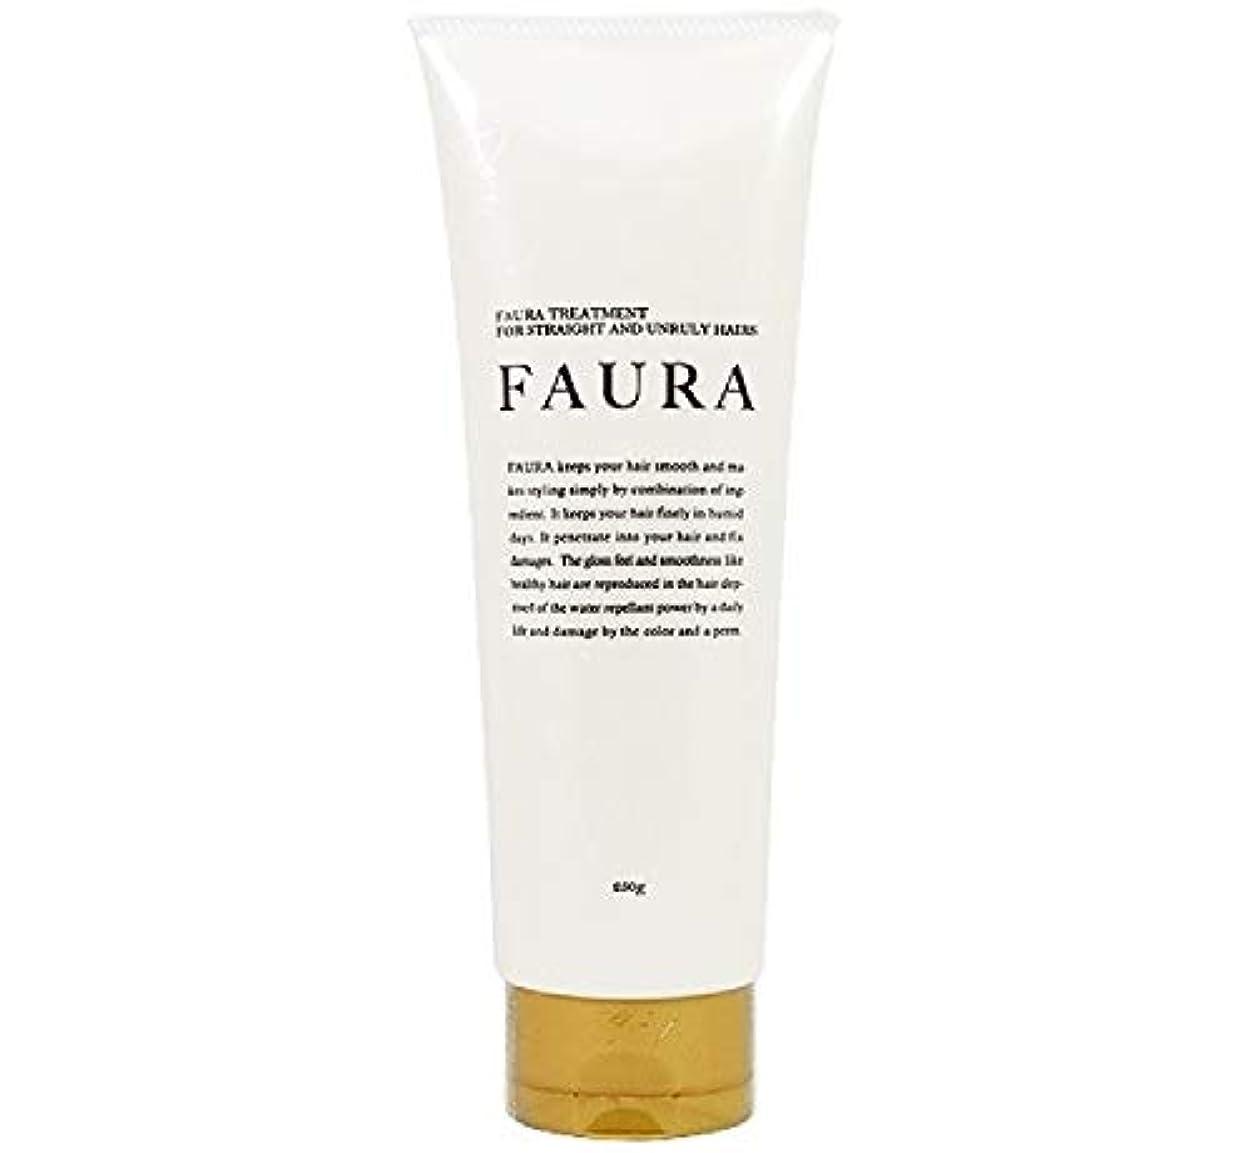 作る筋肉のお客様【発売1年で3万本の売上】FAURA ファウラ ヘアトリートメント (傷んだ髪に) 250g 【サロン専売品】